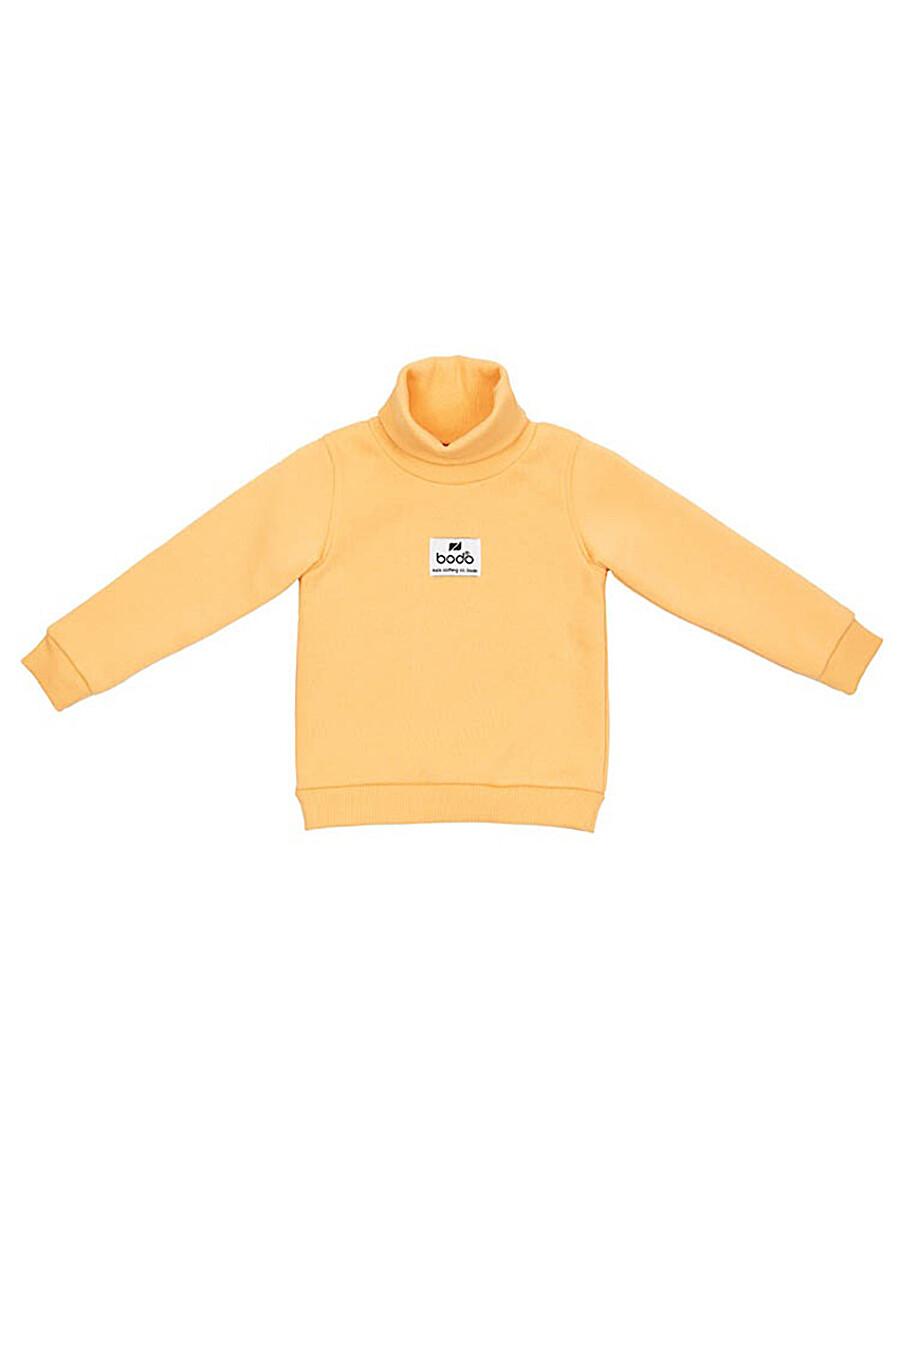 Водолазка для девочек BODO 260793 купить оптом от производителя. Совместная покупка детской одежды в OptMoyo